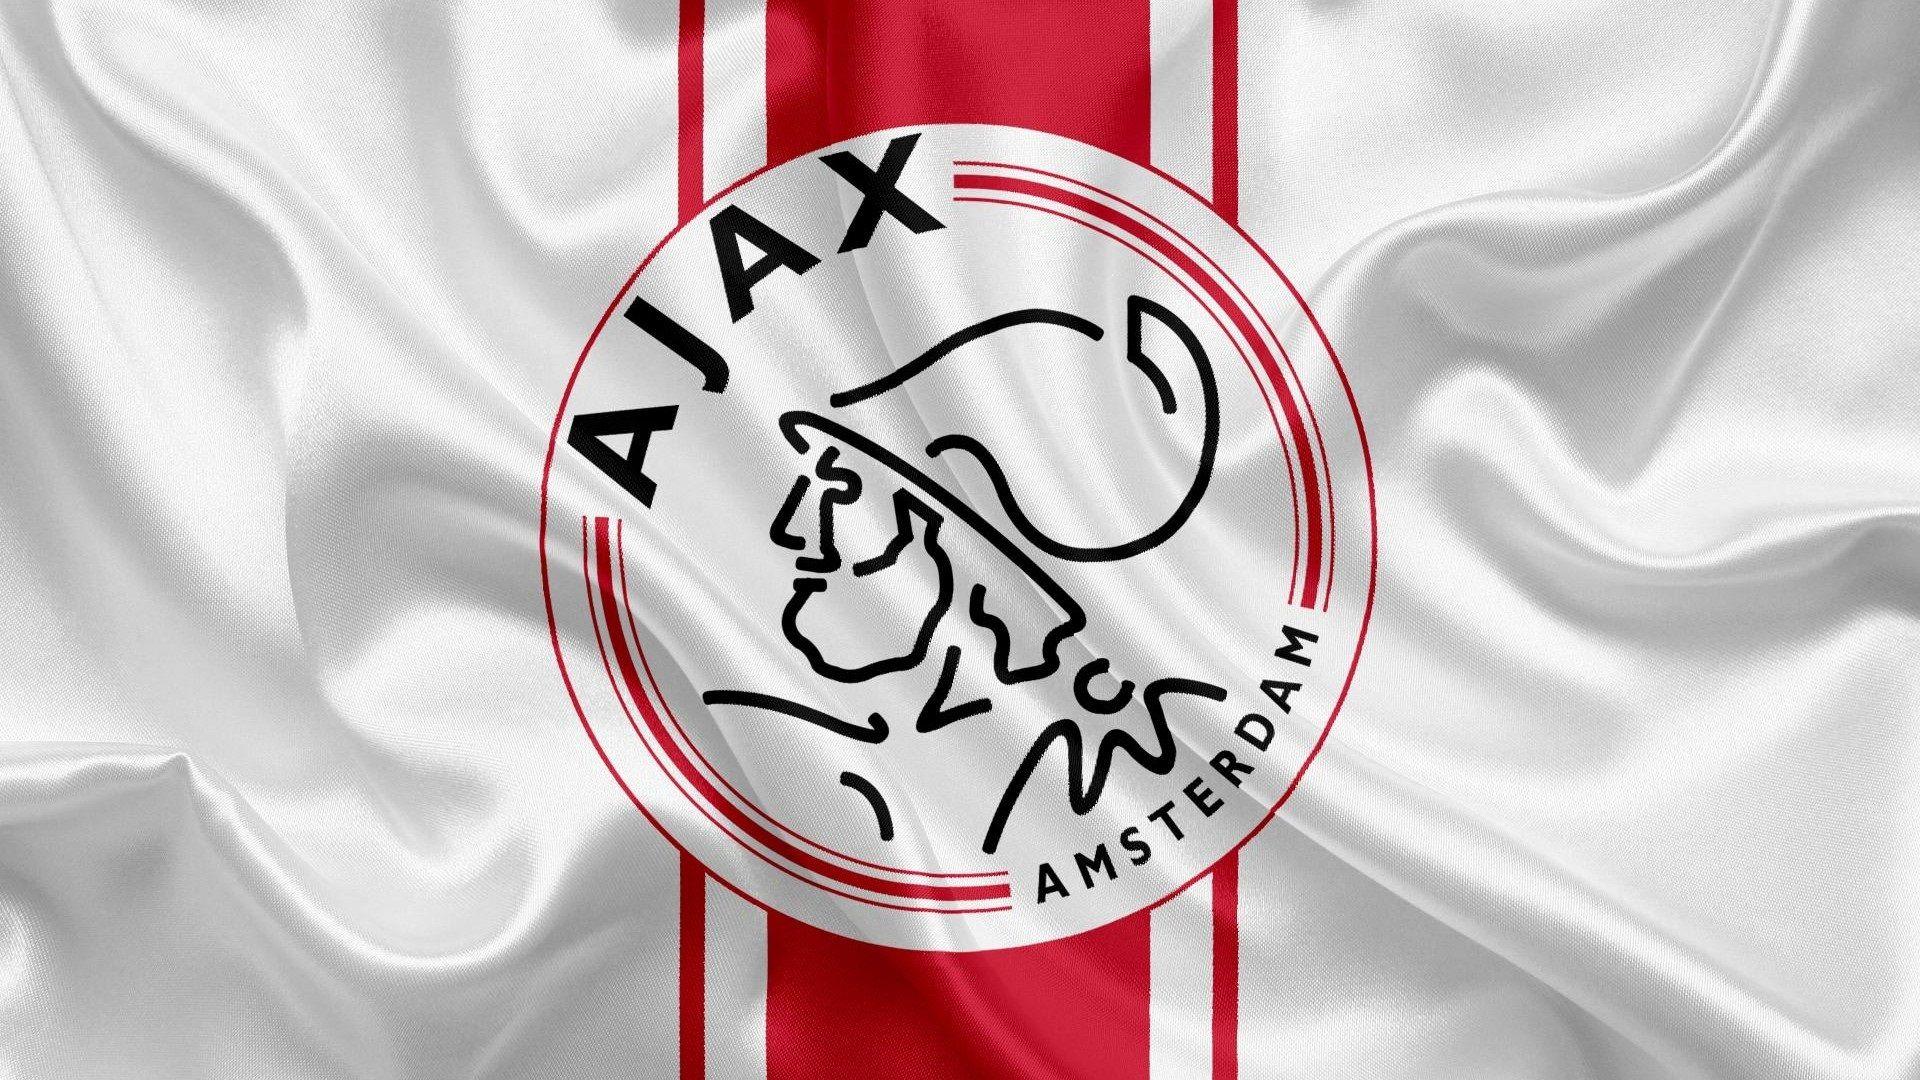 Hd Wallpaper Ajax 2020 Live Wallpaper Hd Afc Ajax Ajax Amsterdam